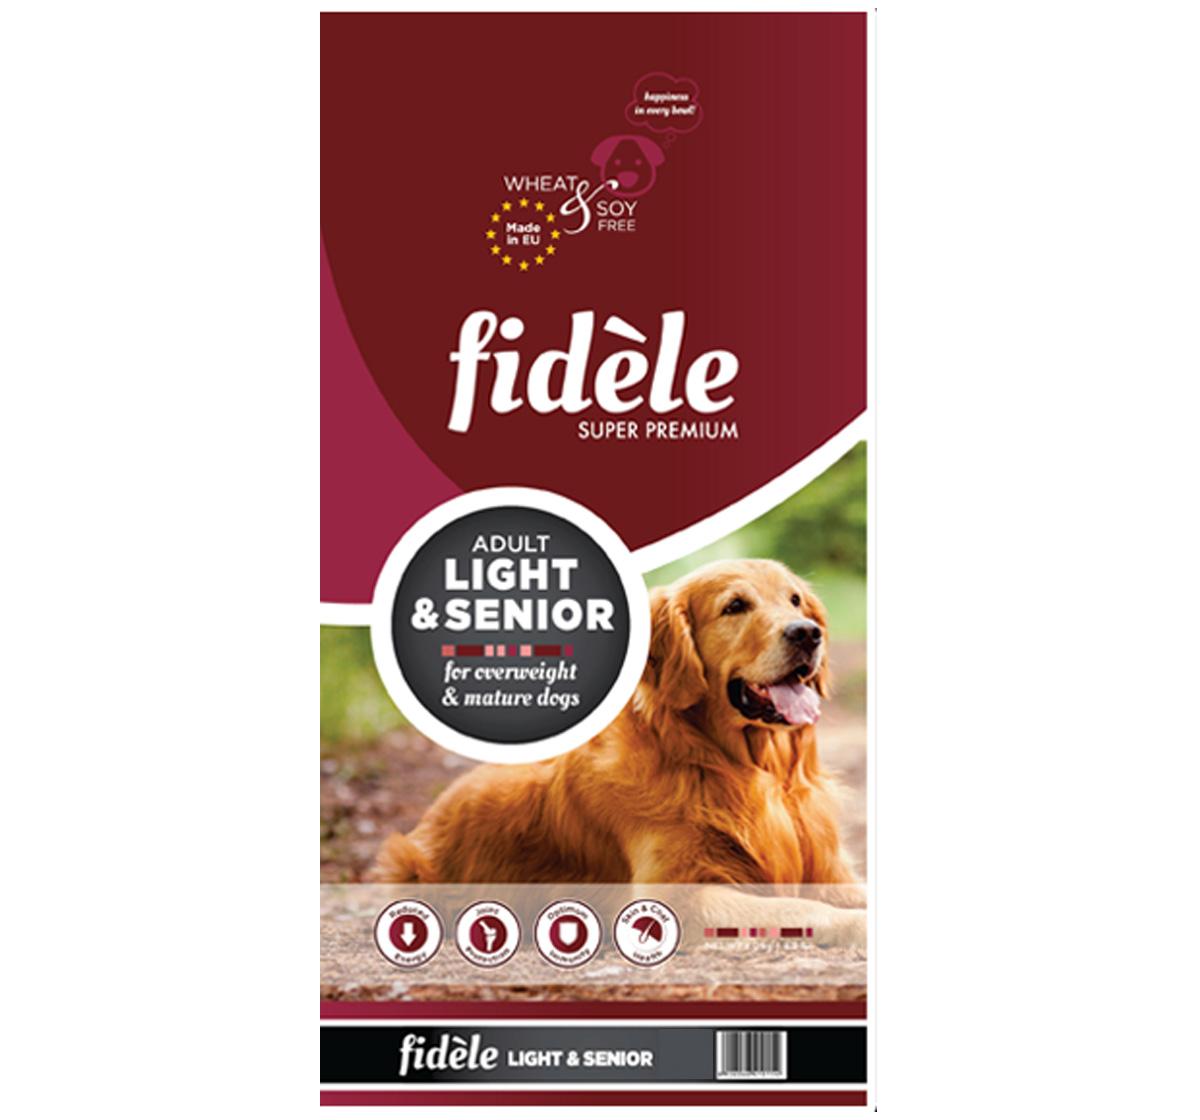 Fidele Light & Senior Adult Food - 1 Kg